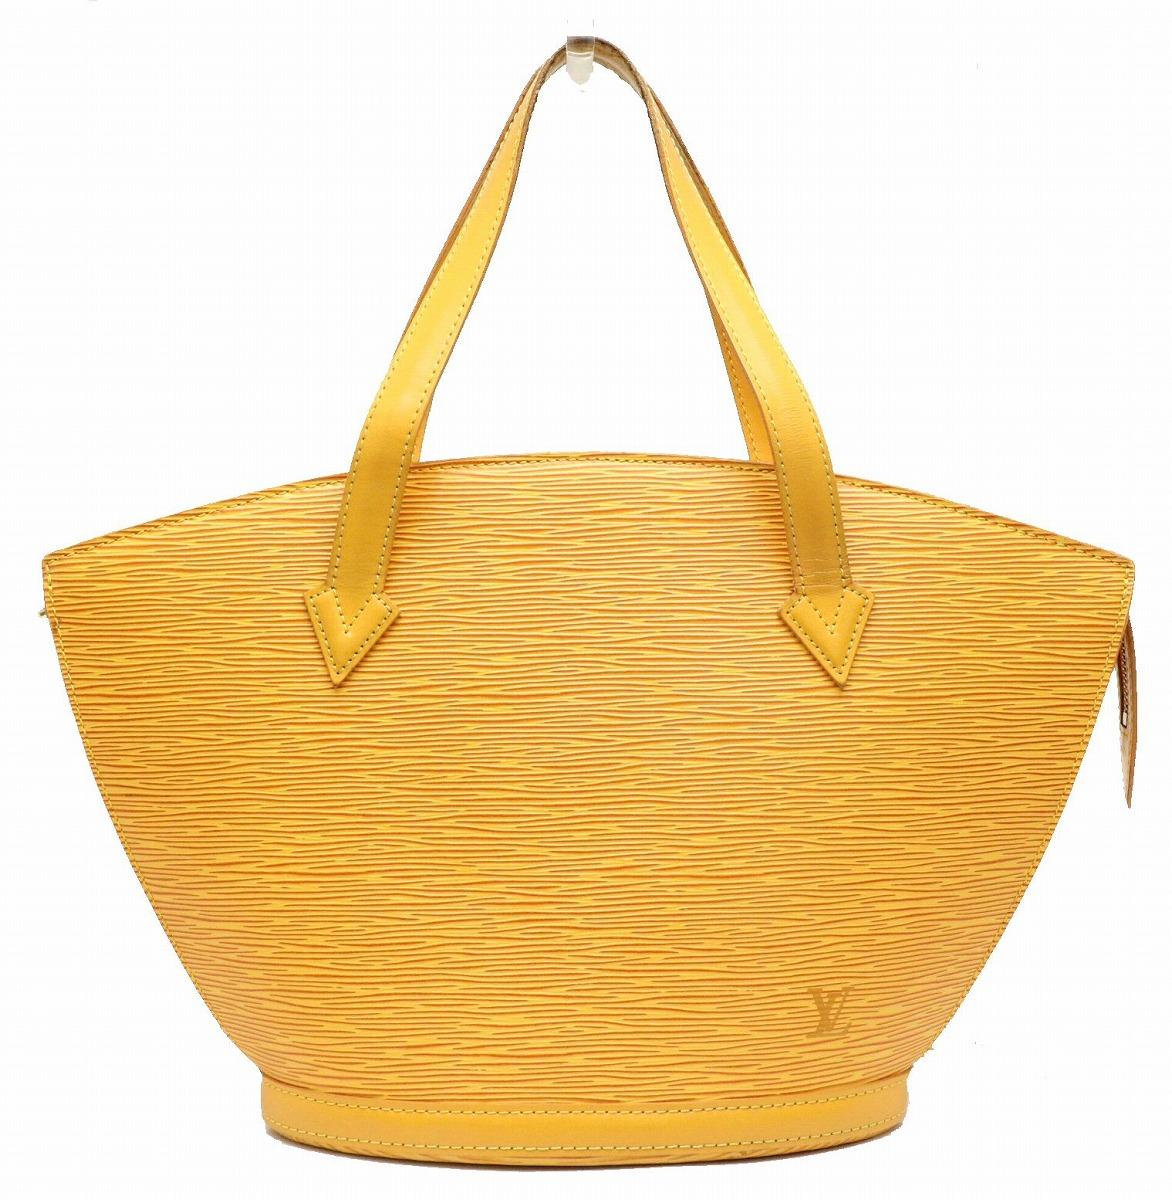 【バッグ】LOUIS VUITTON ルイ ヴィトン エピ サンジャック トートバッグ ハンドバッグ ショルダーバッグ レザー タッシリイエロー 黄色 M52279 【中古】